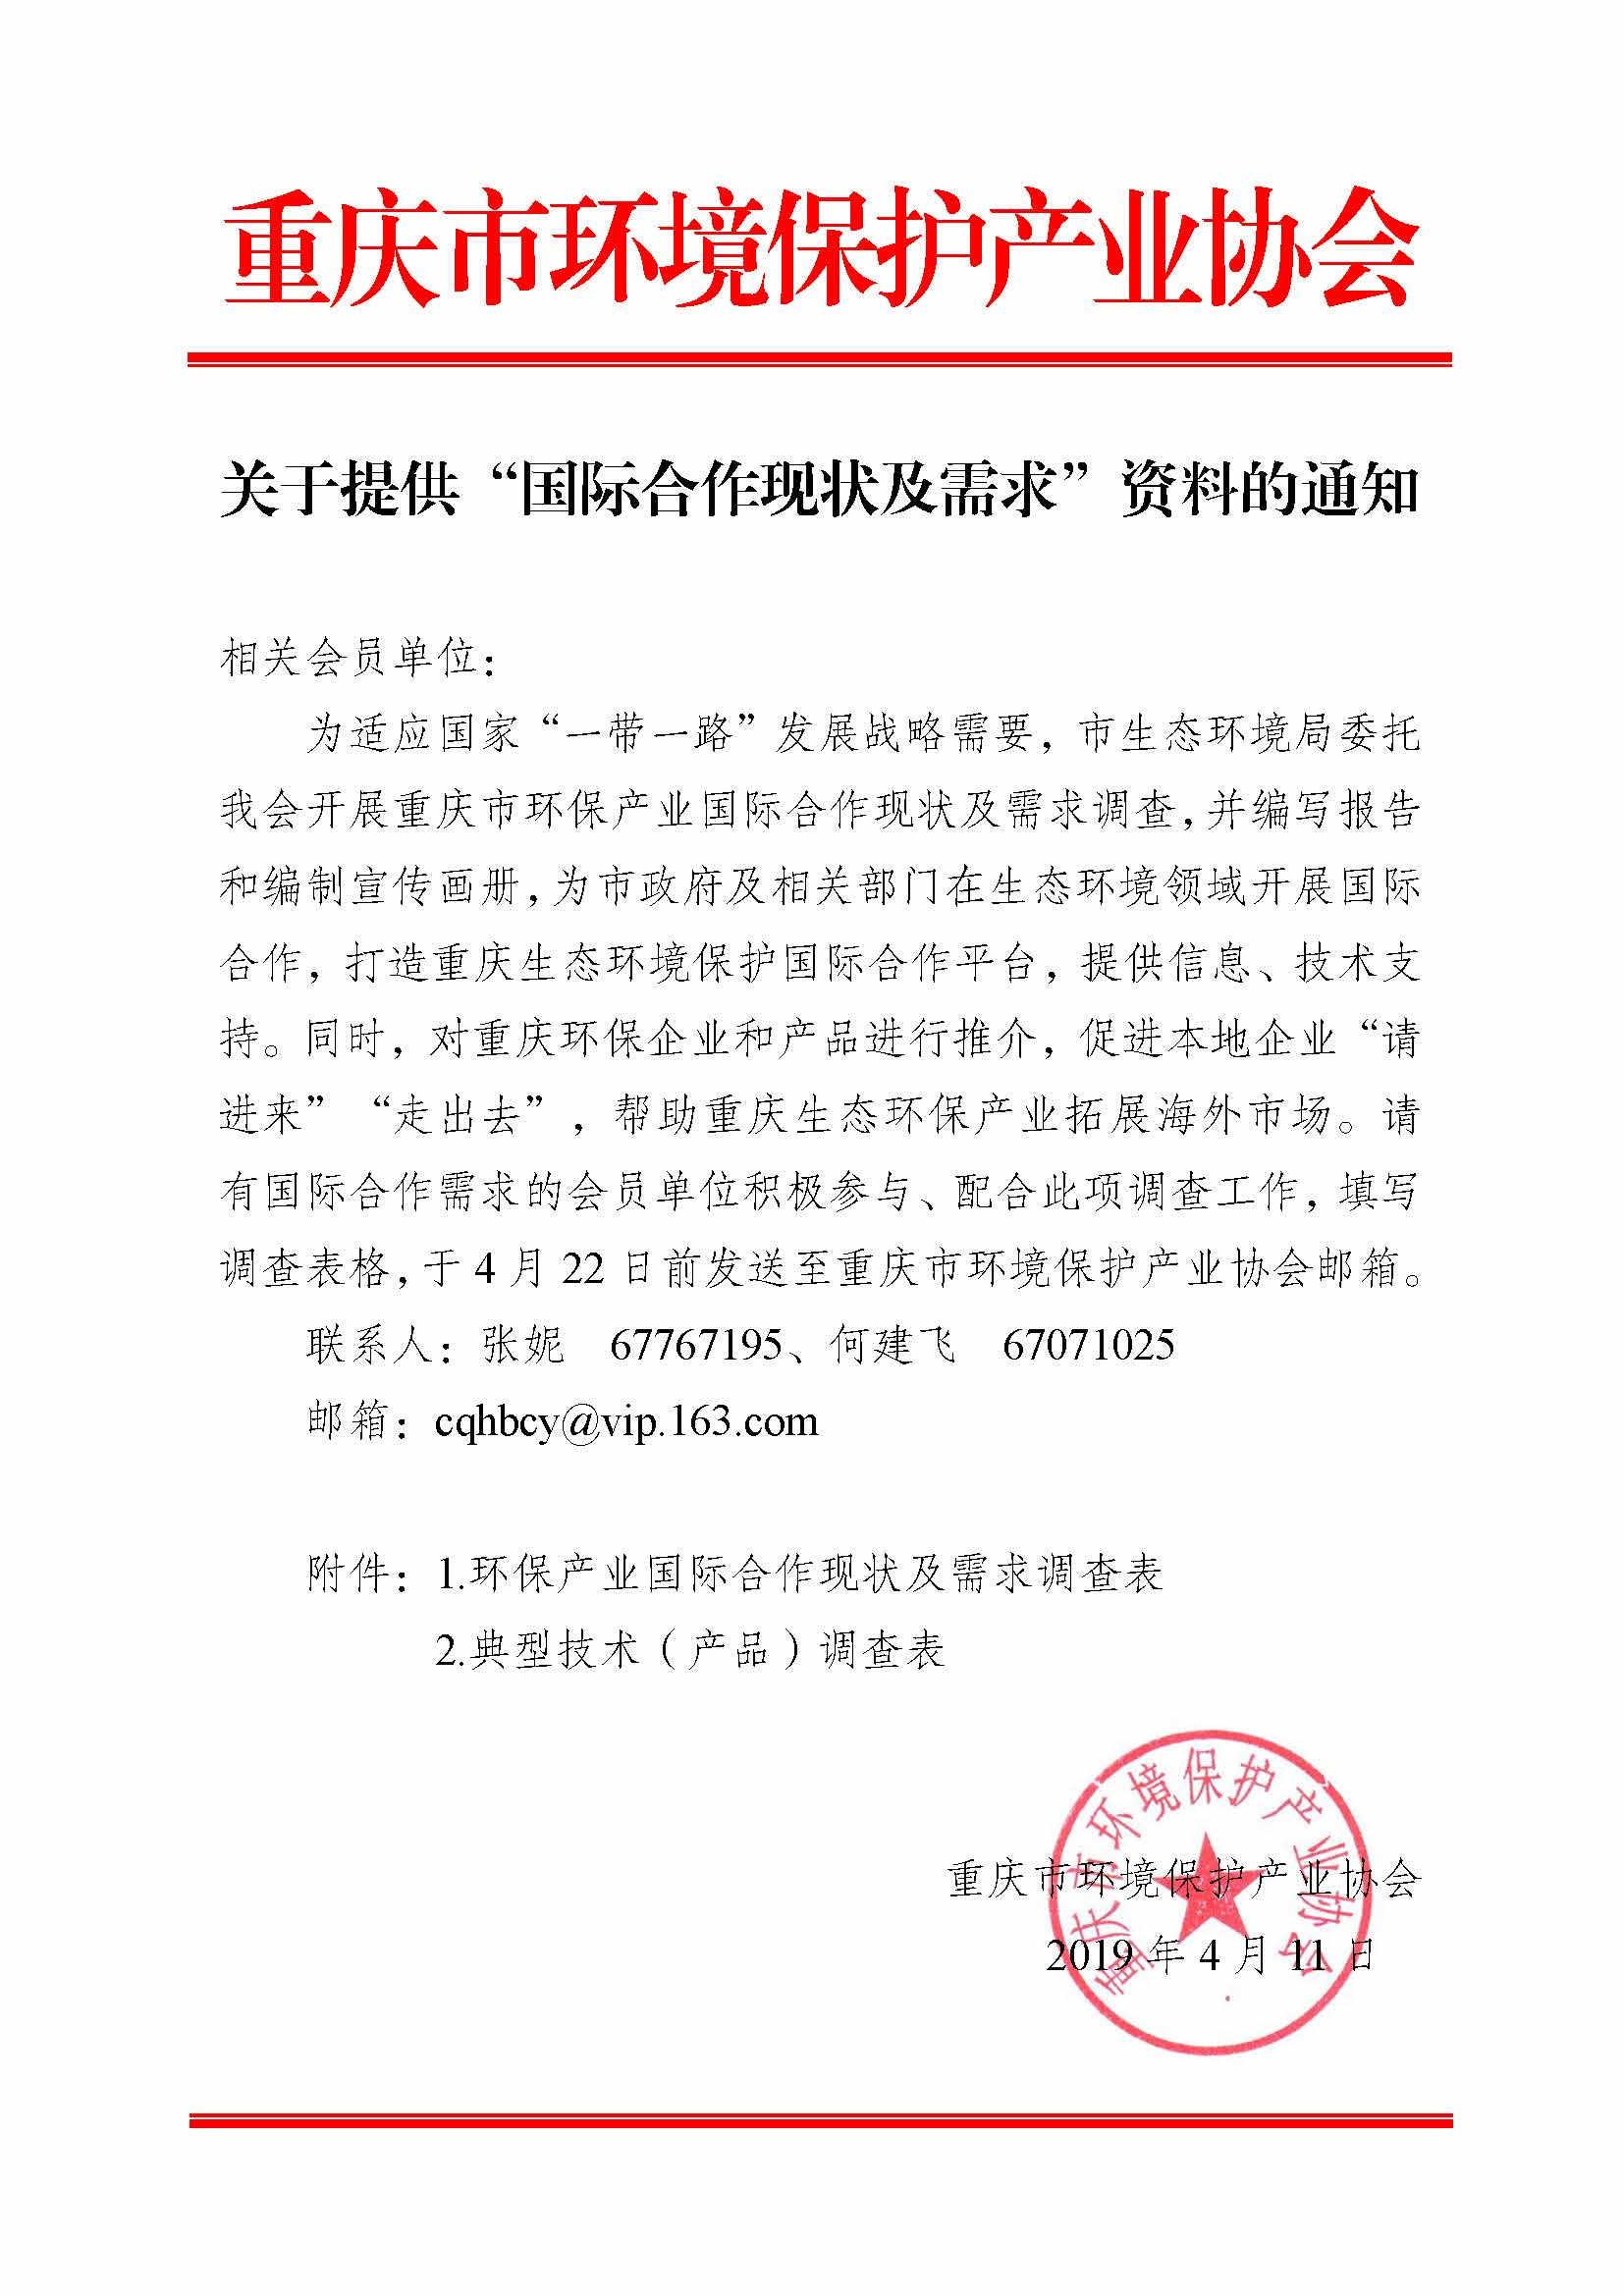 关于提供重庆市AG真人视讯产业国际合作现状及需求资料的通知